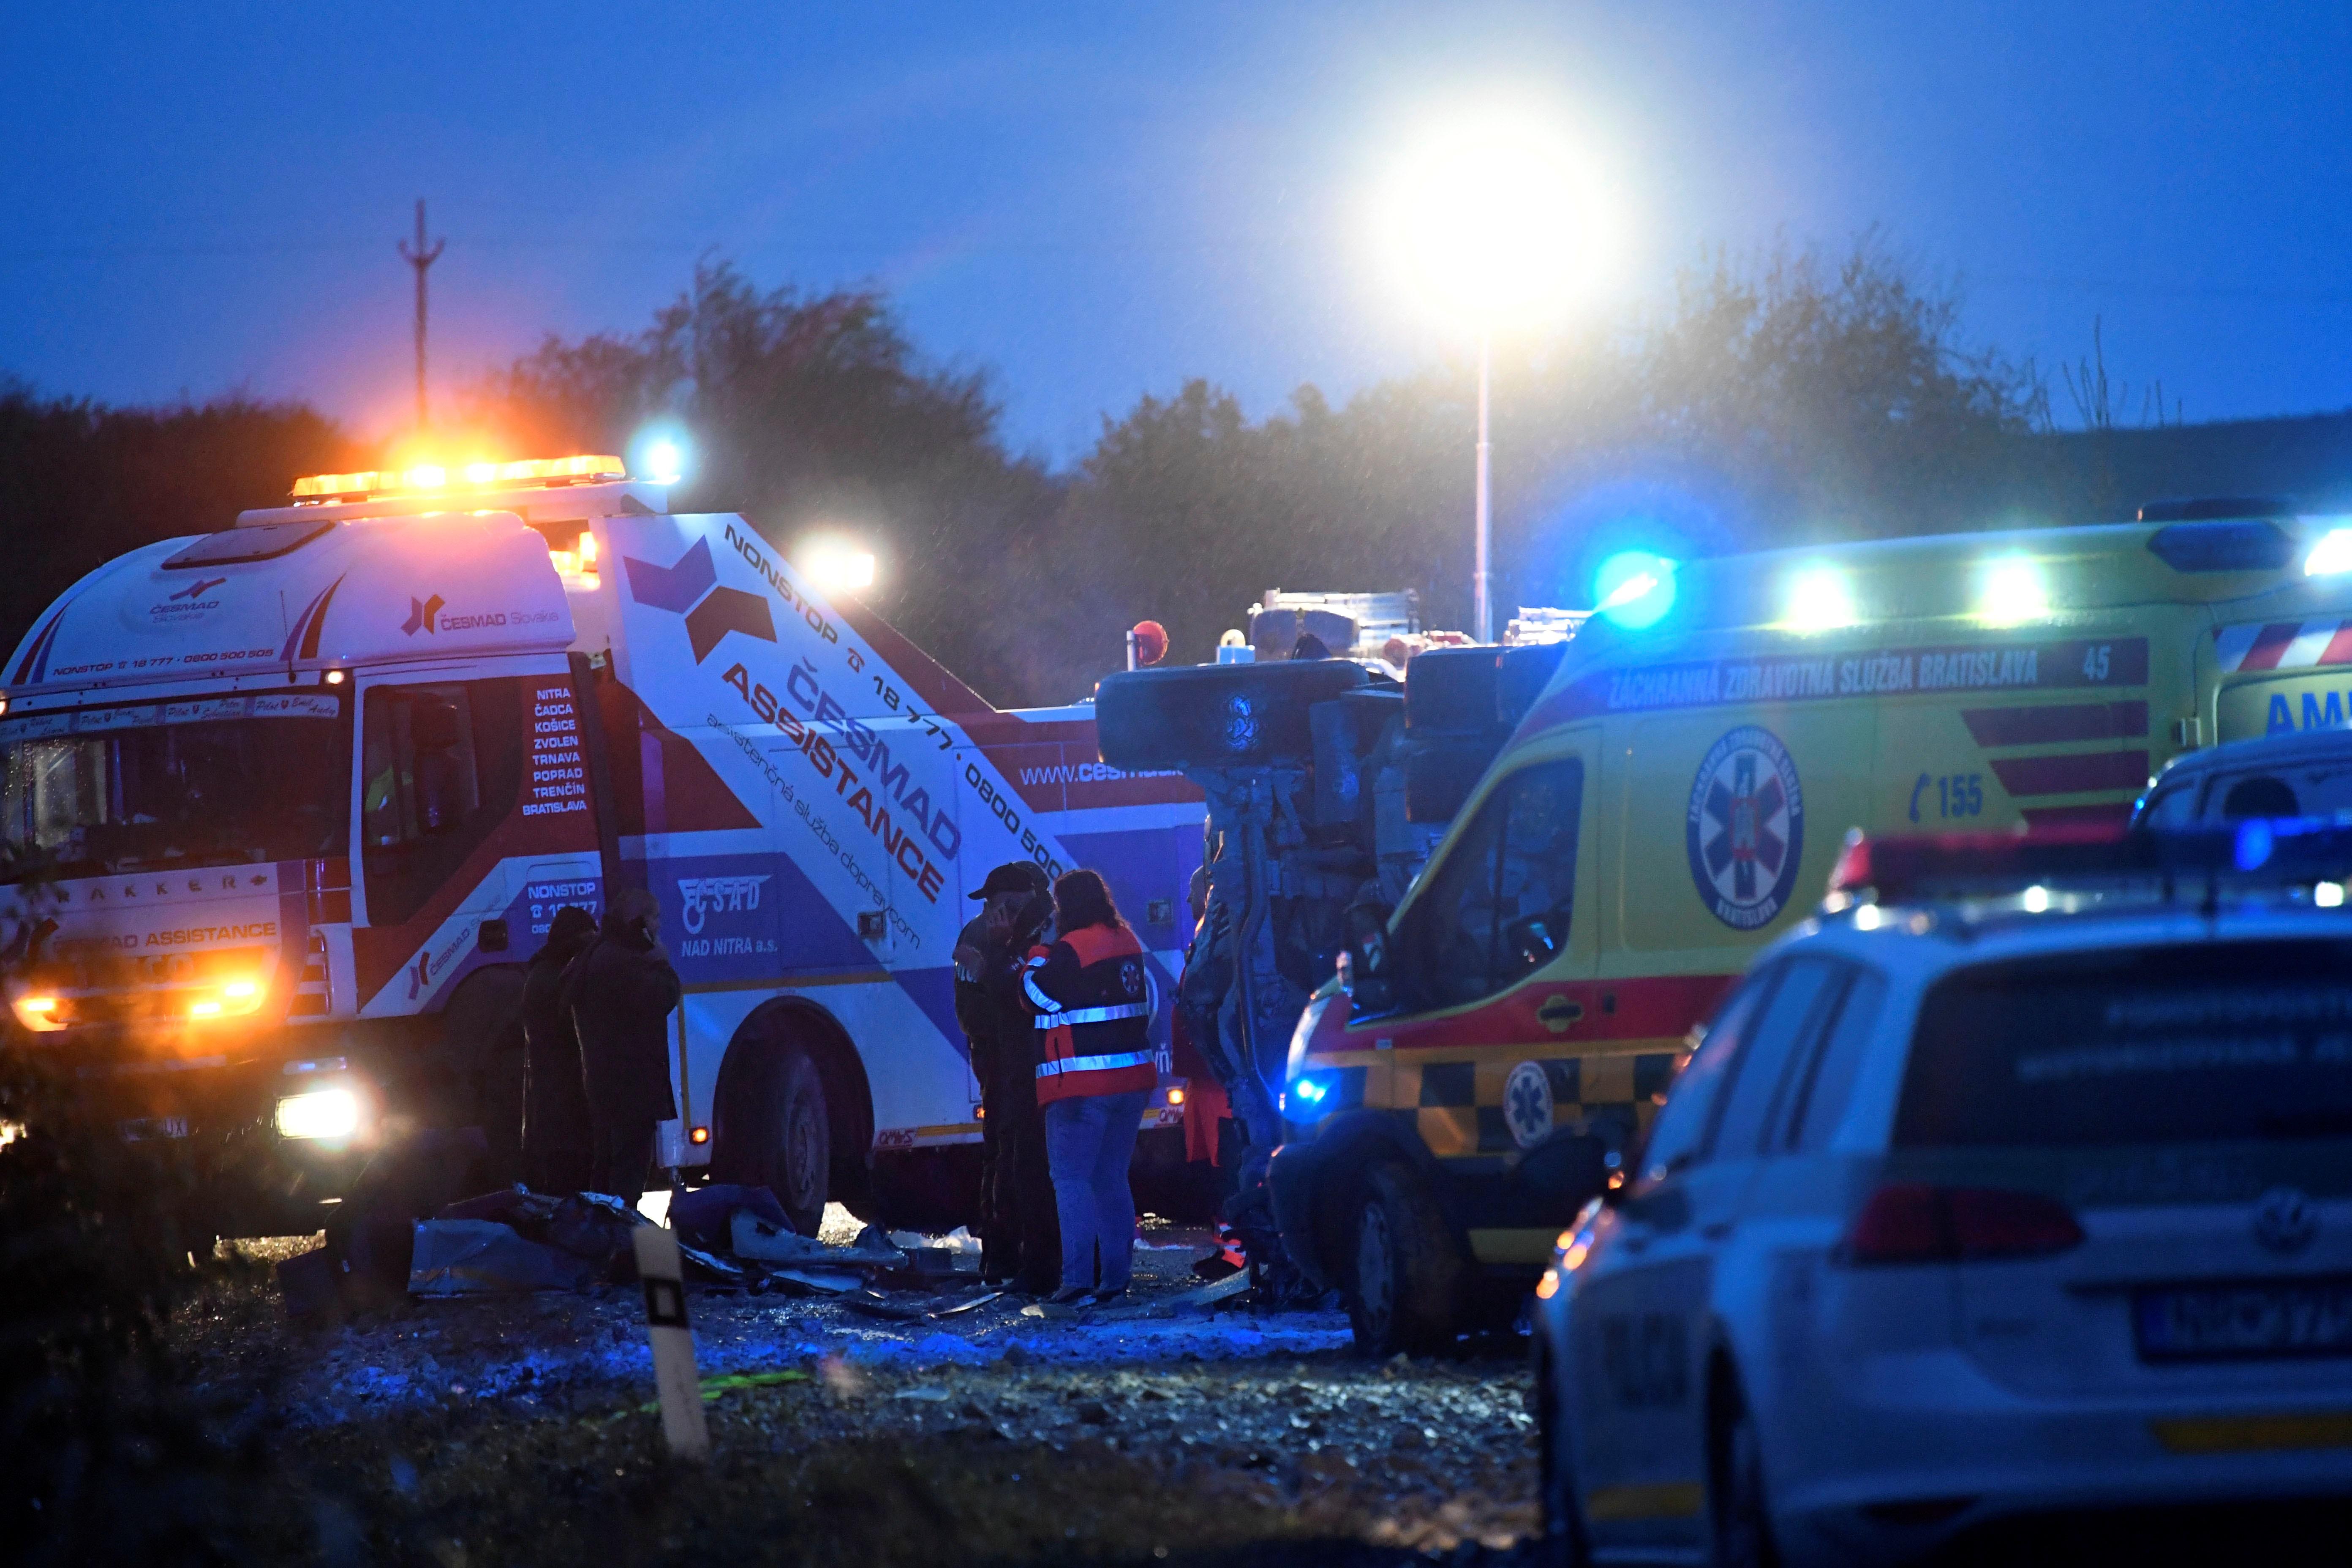 """Τουλάχιστον 12 νεκροί και 20 τραυματίες στον """"δρόμο του θανάτου"""" - Συγκρούστηκαν λεωφορείο και φορτηγό! [pics, video]"""